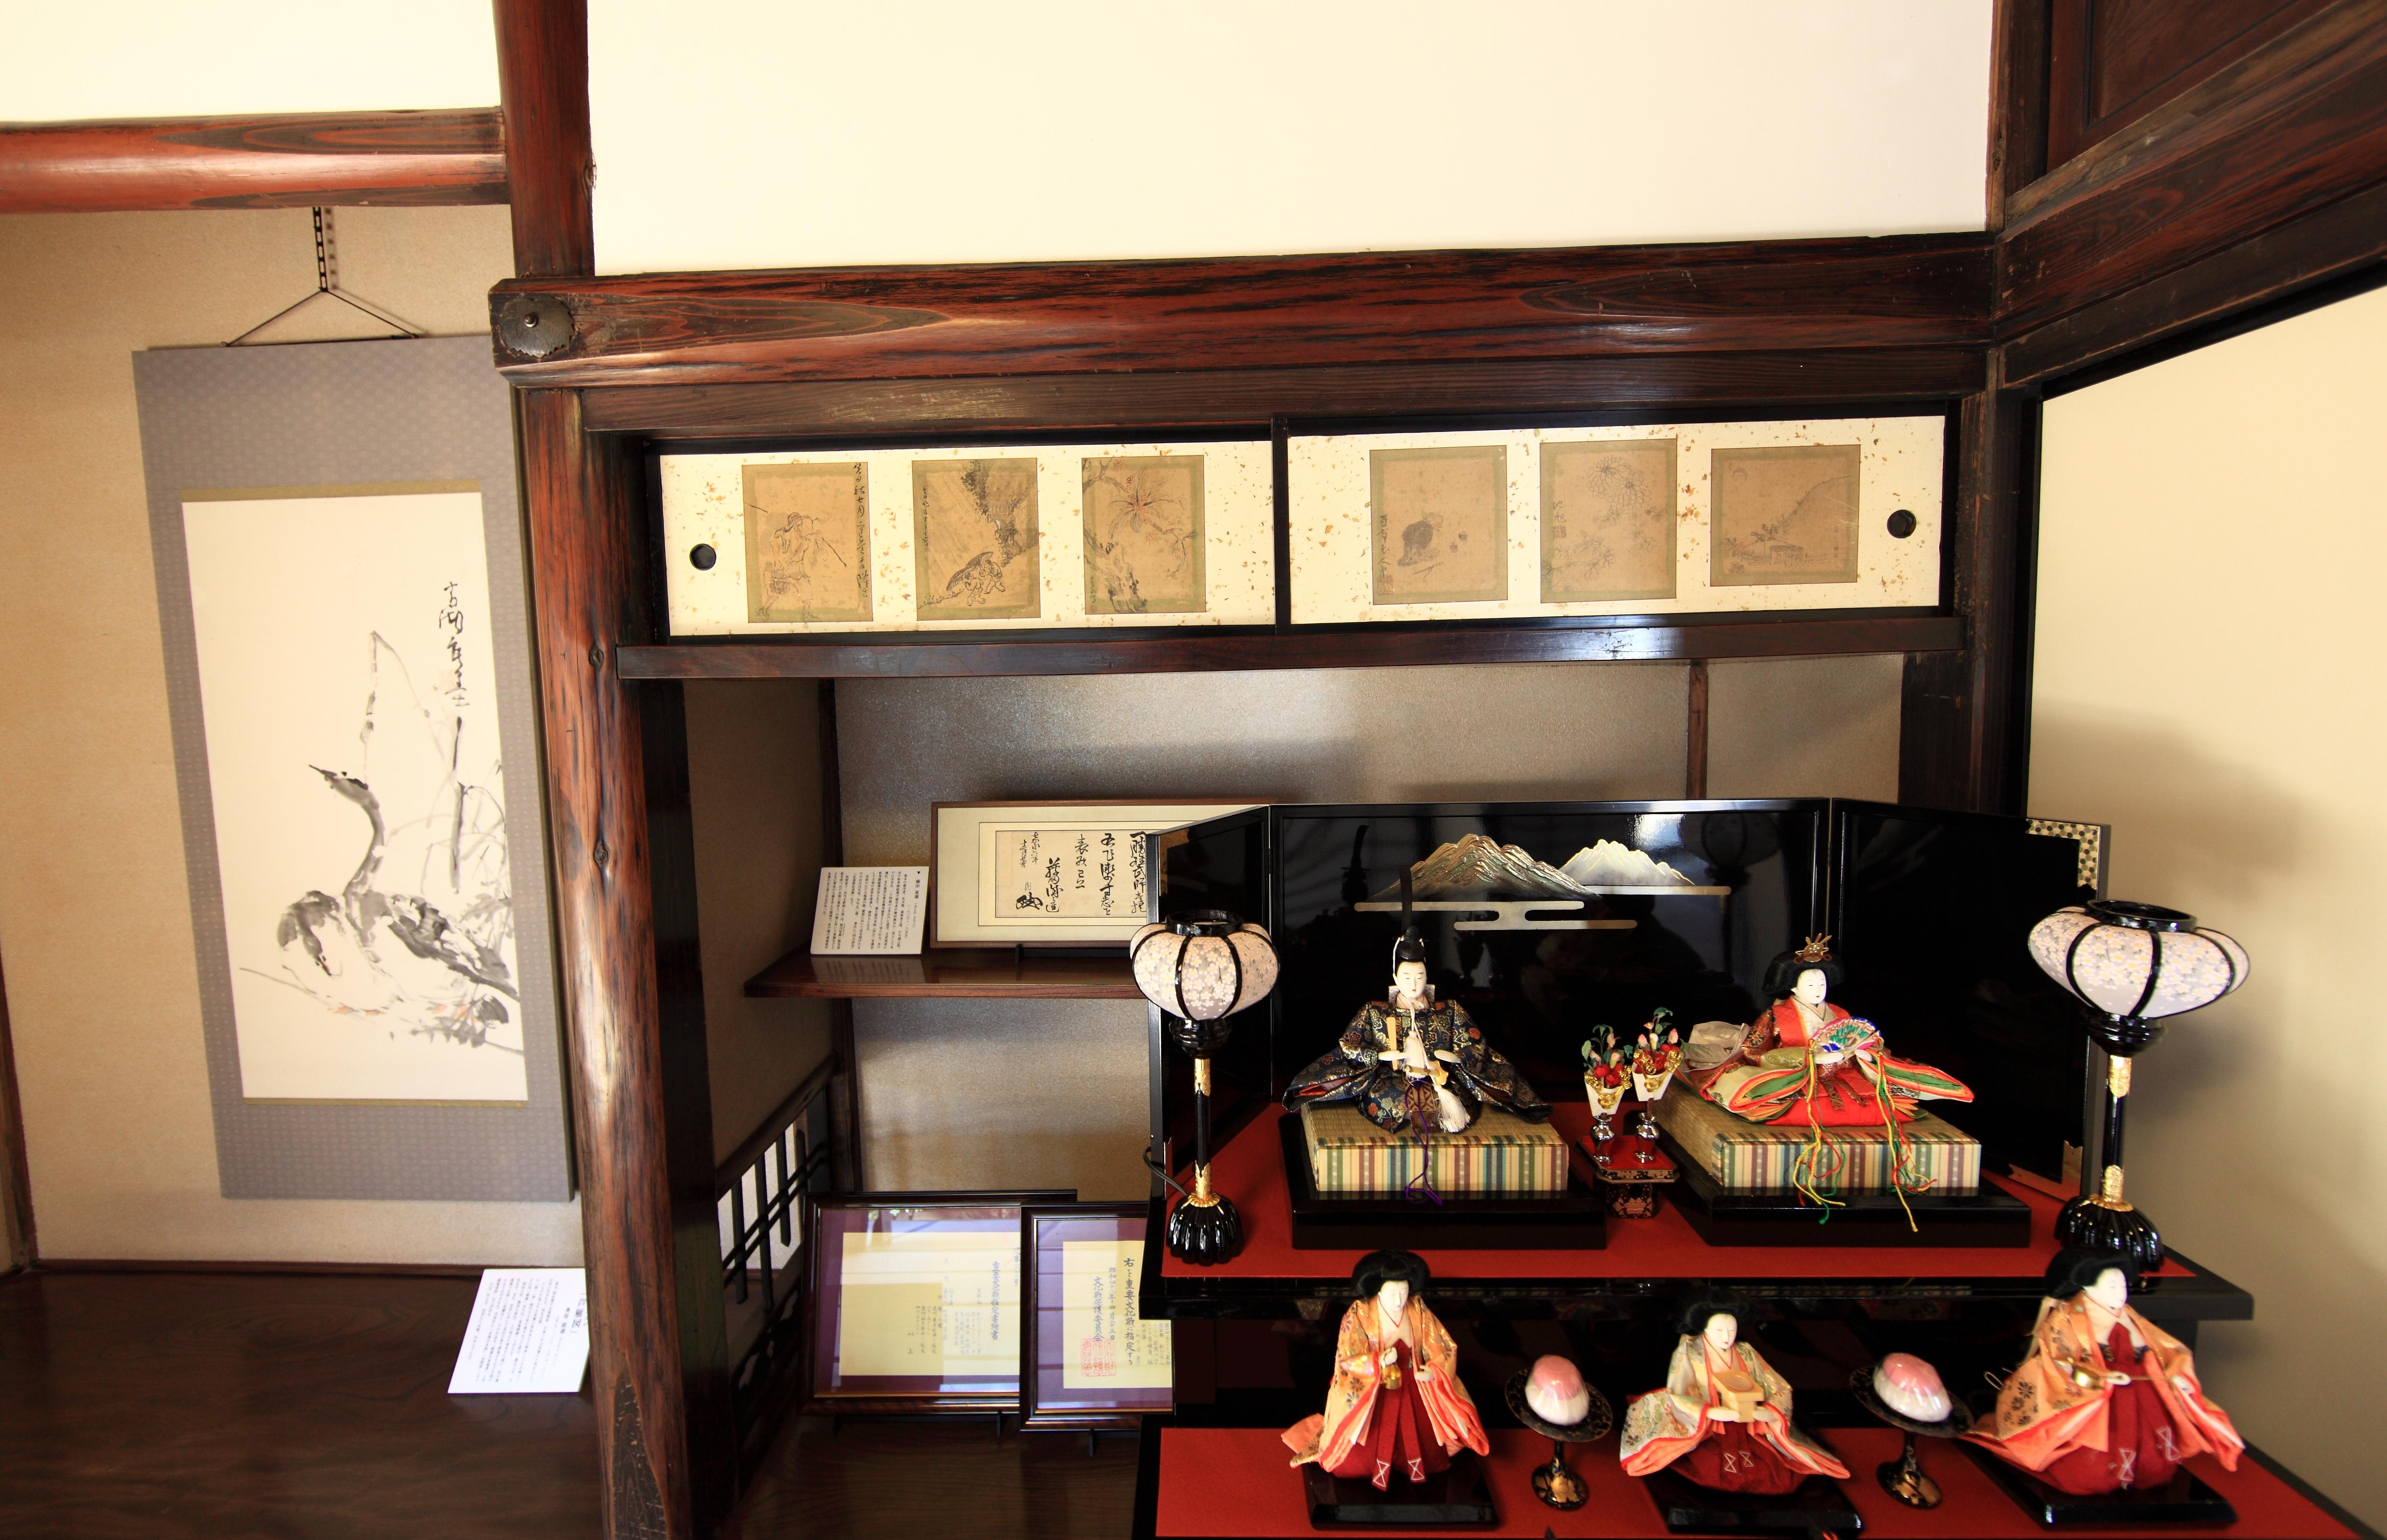 Gambar Meja Arsitektur Kayu Rumah Tinggi Kuno Tempat Tinggal